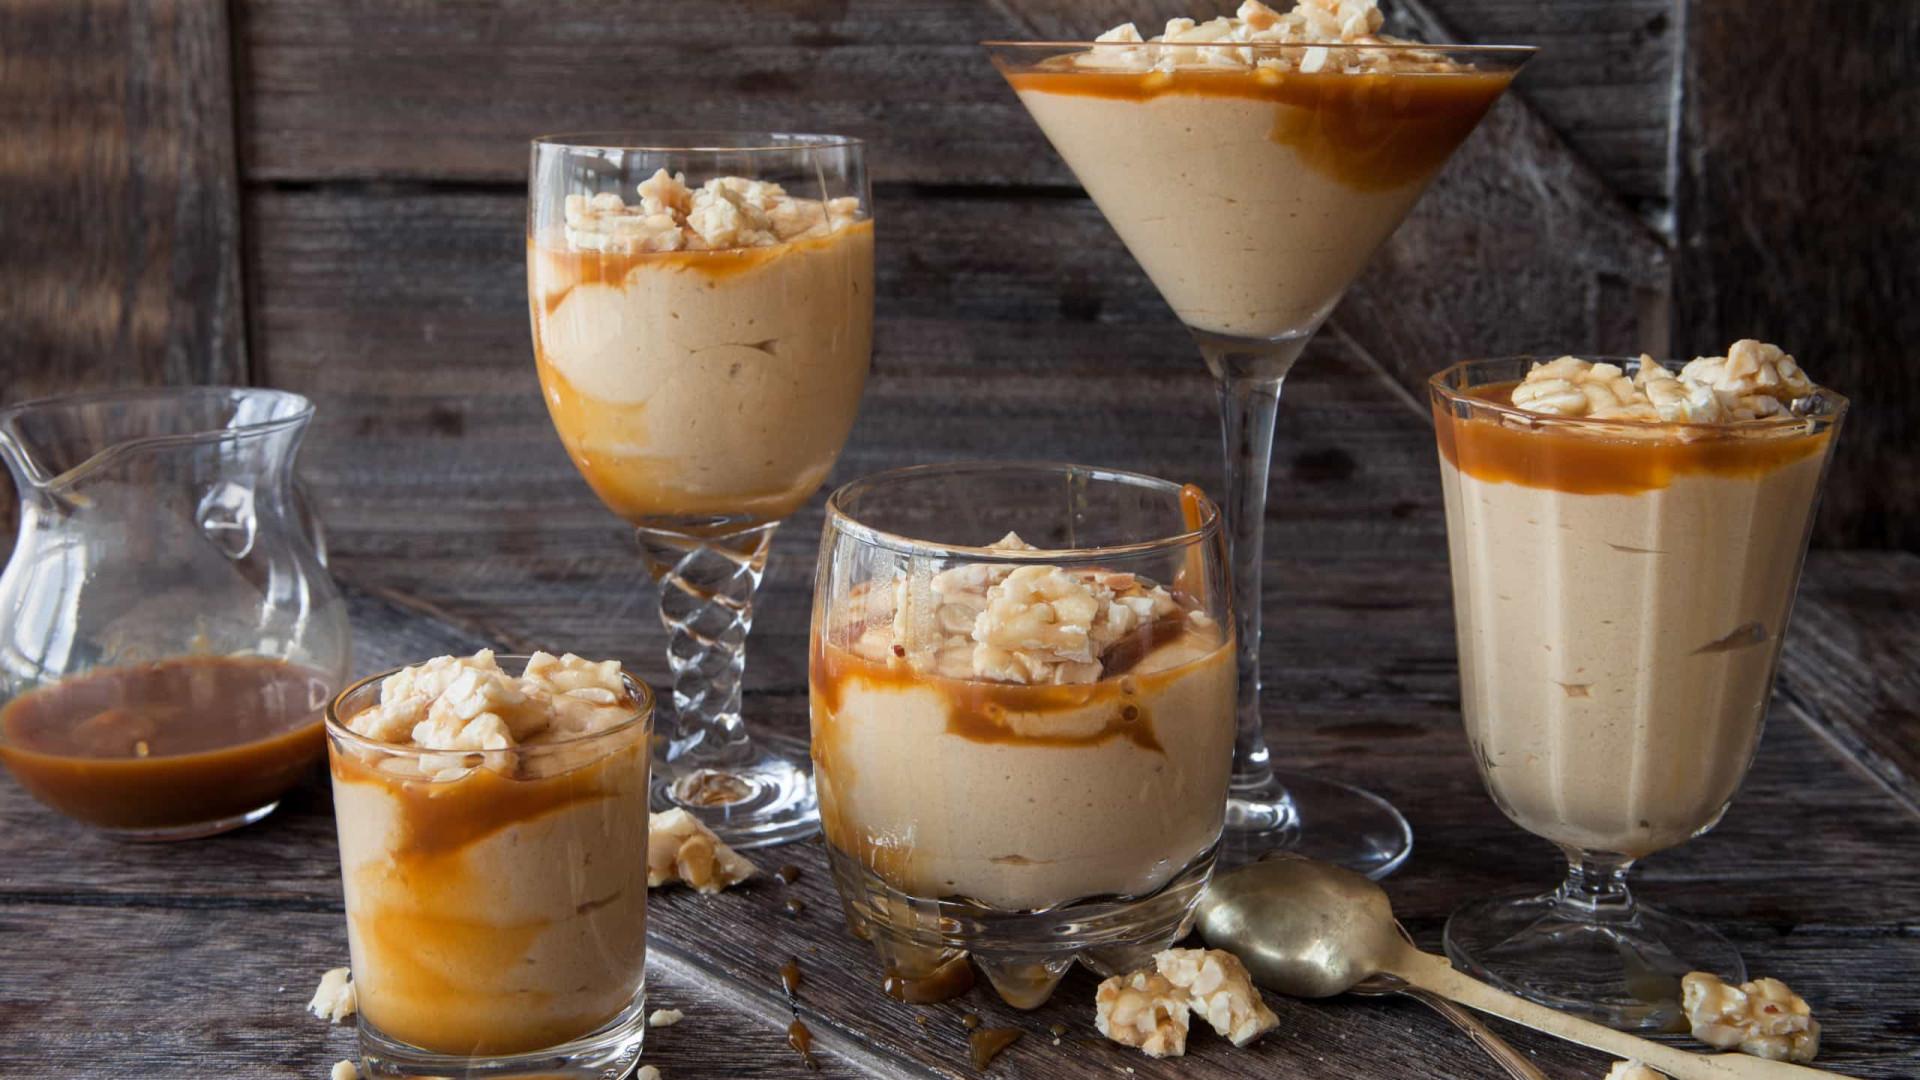 Dias doces: que tal uma deliciosa mousse de amendoim?